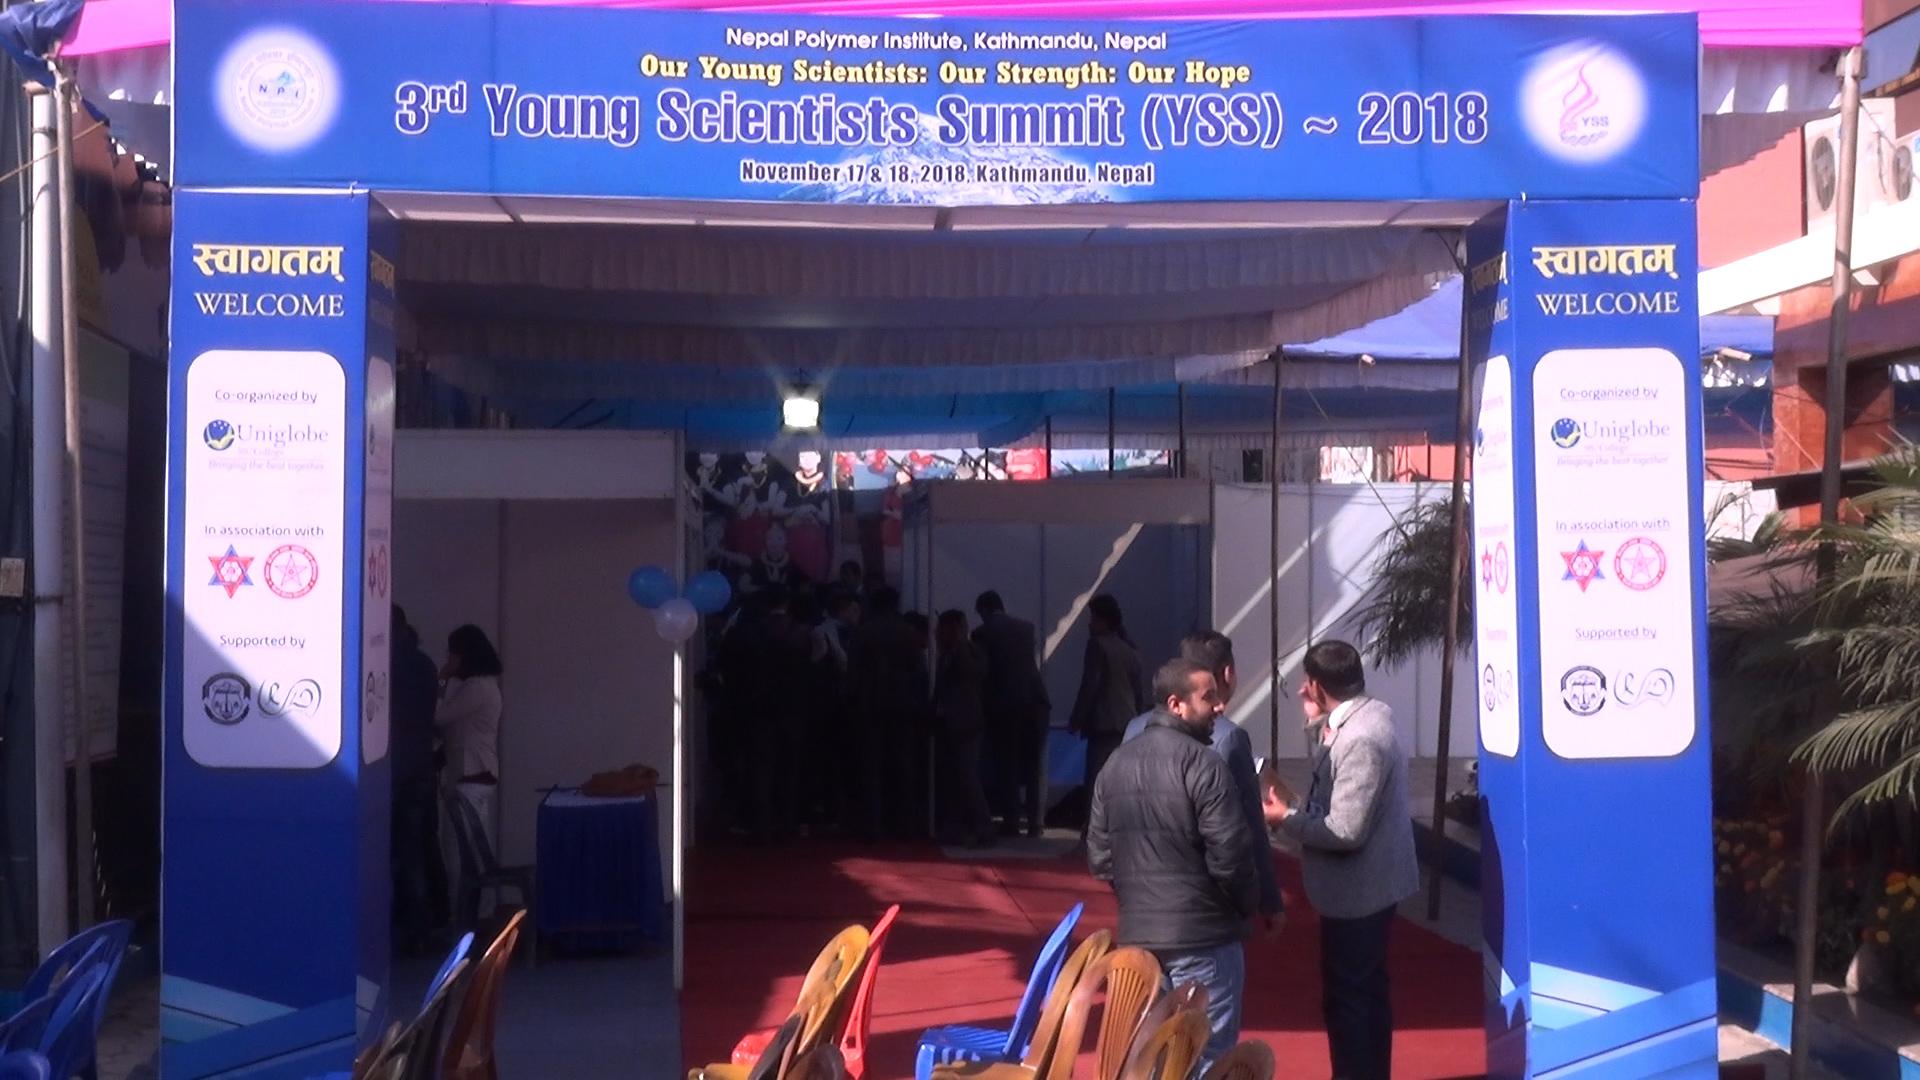 वैज्ञानिक चेत पहिचान गर्न काठमाडौंमा युवा वैज्ञानिक सम्मेलन